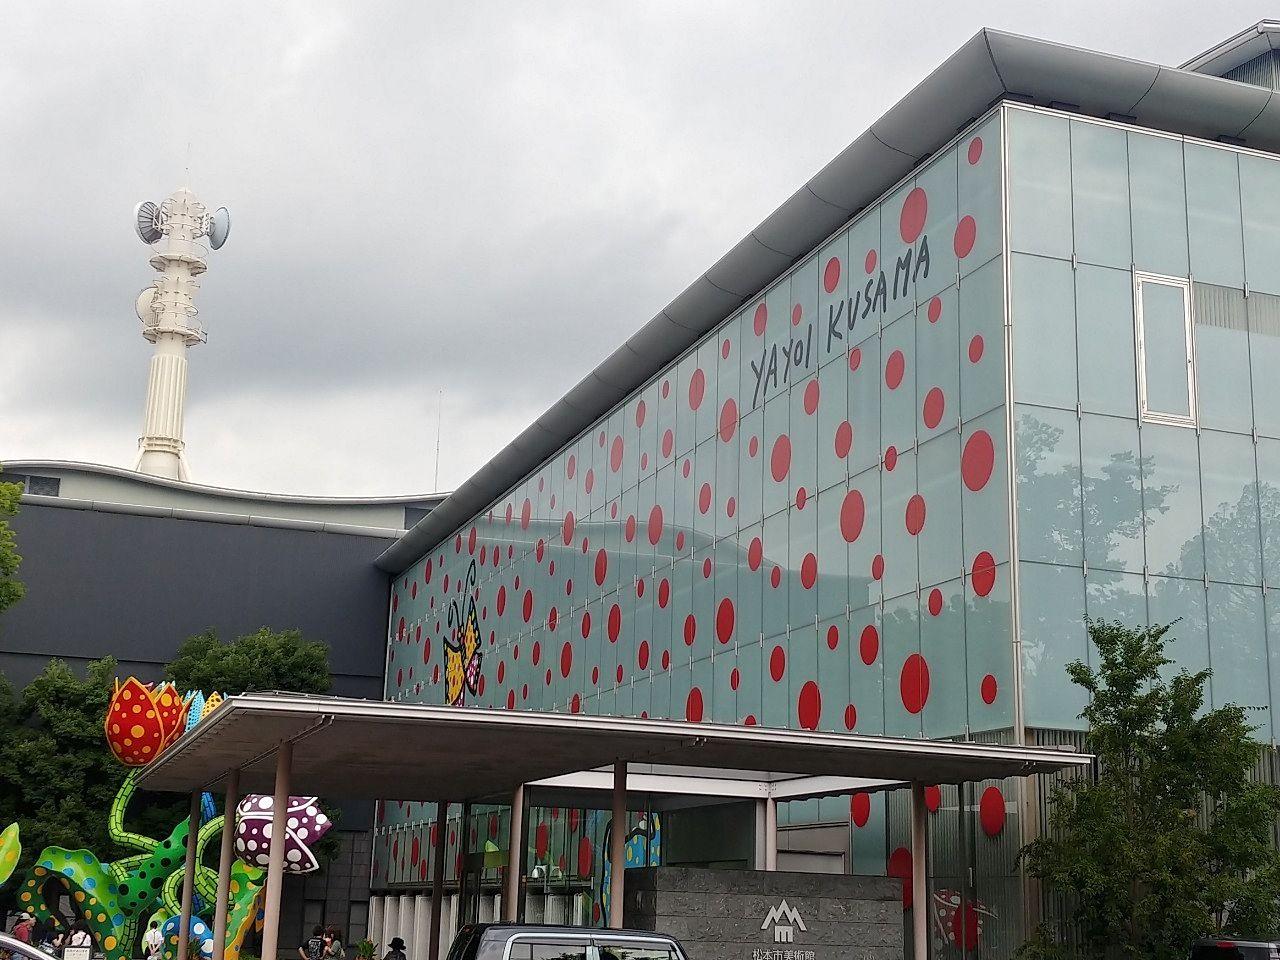 松本市美術館外観です